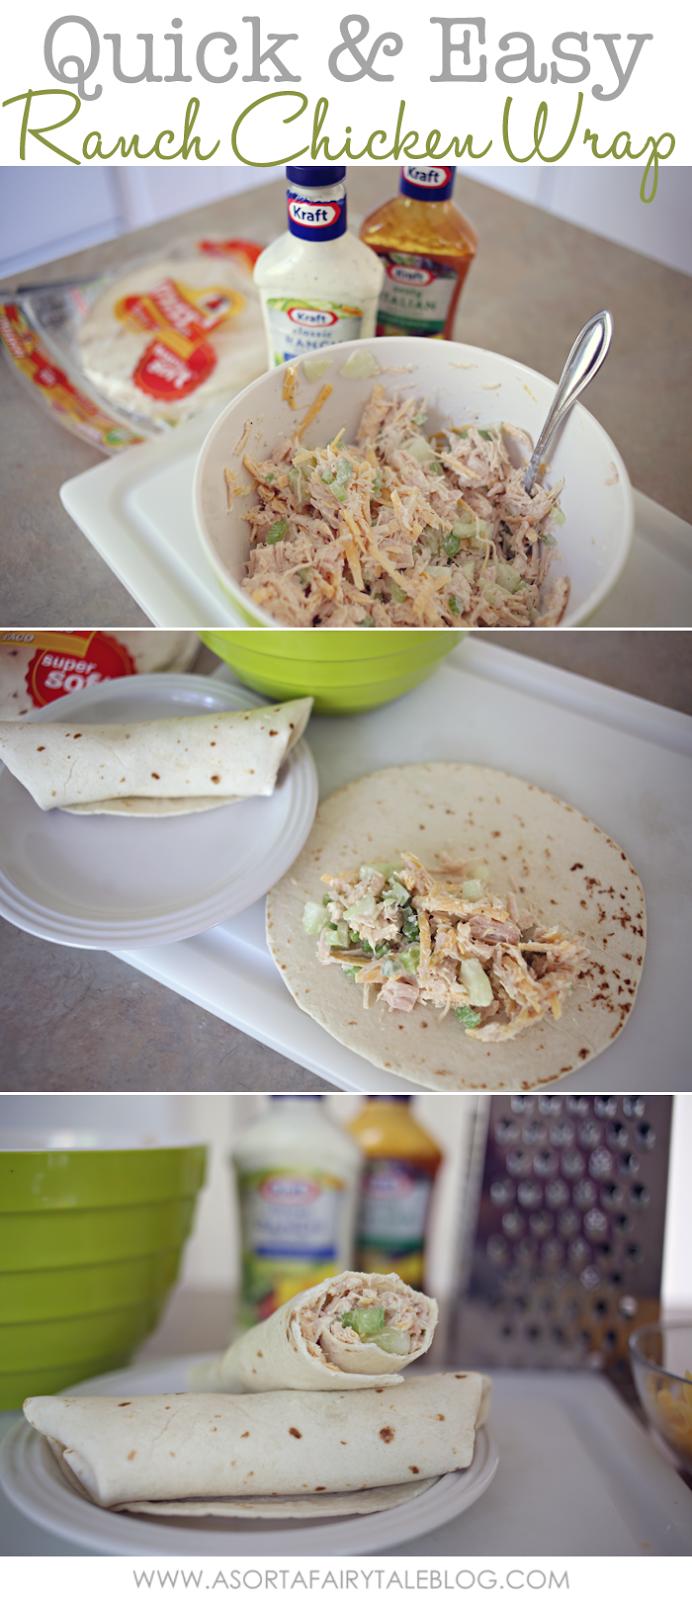 A sorta fairytale easy ranch chicken wrap recipe for Easy ranch